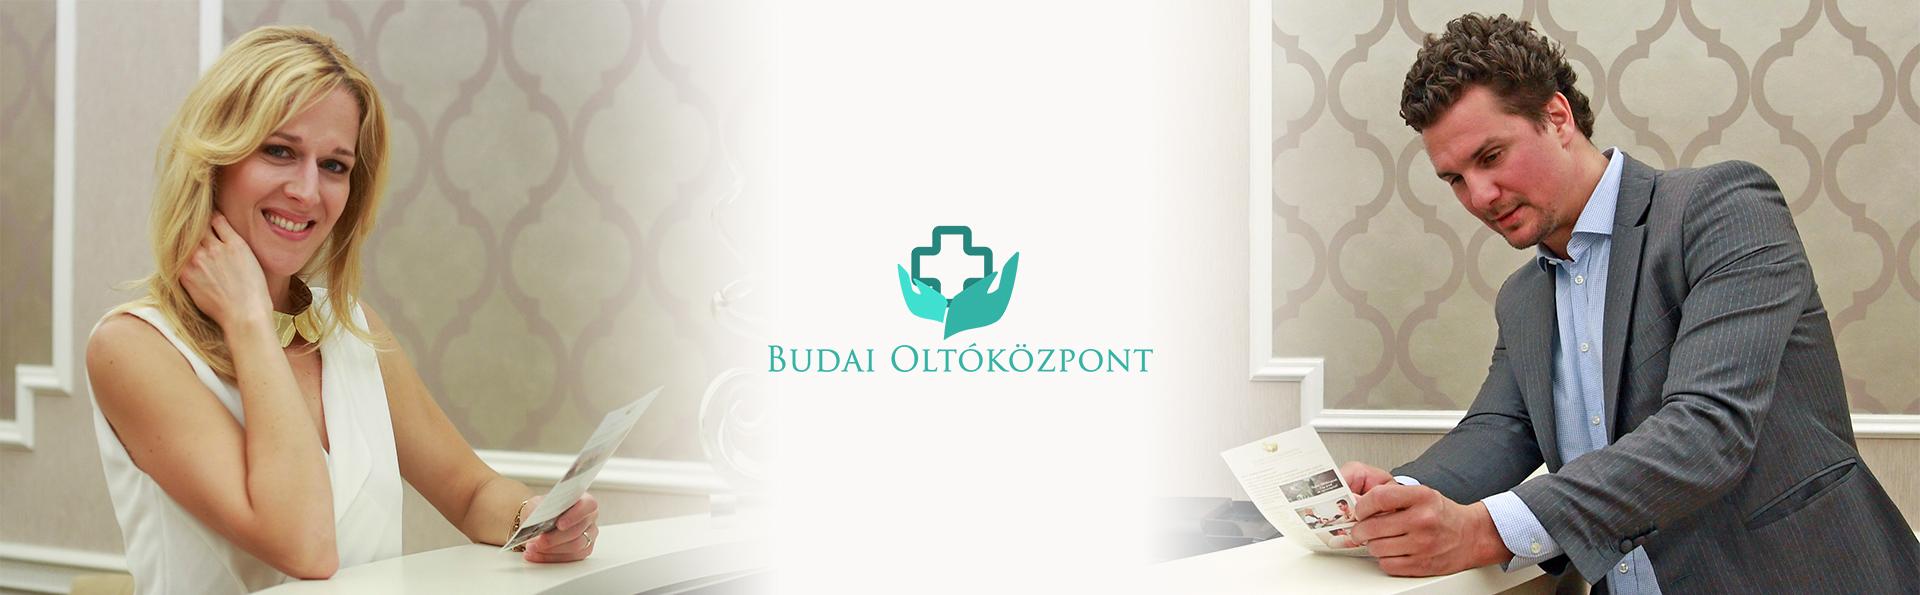 Budai Oltóközpont - Wolf Kati és Nagy Ervin